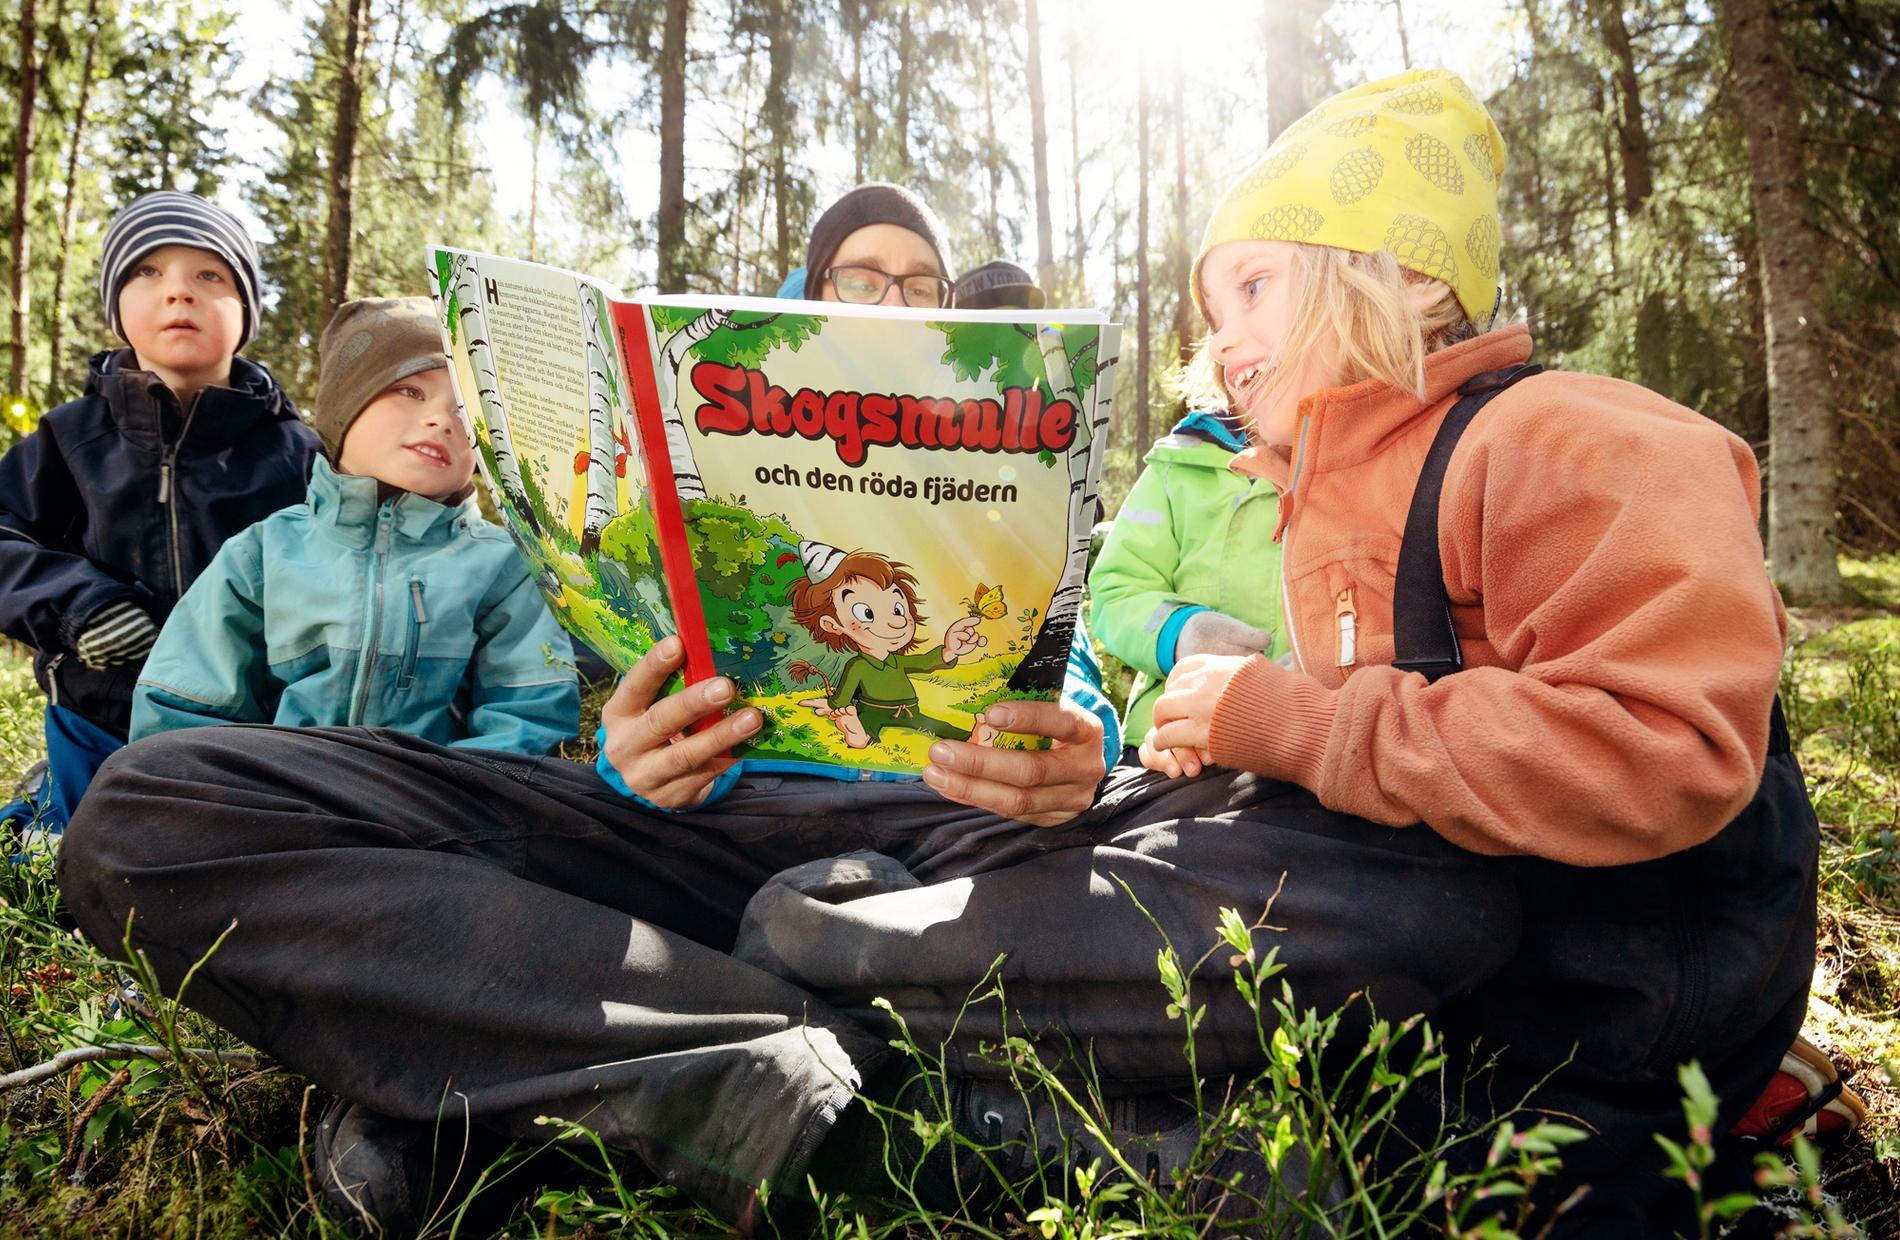 För första gången på 25 år ges en ny bok med Skogsmulle ut.